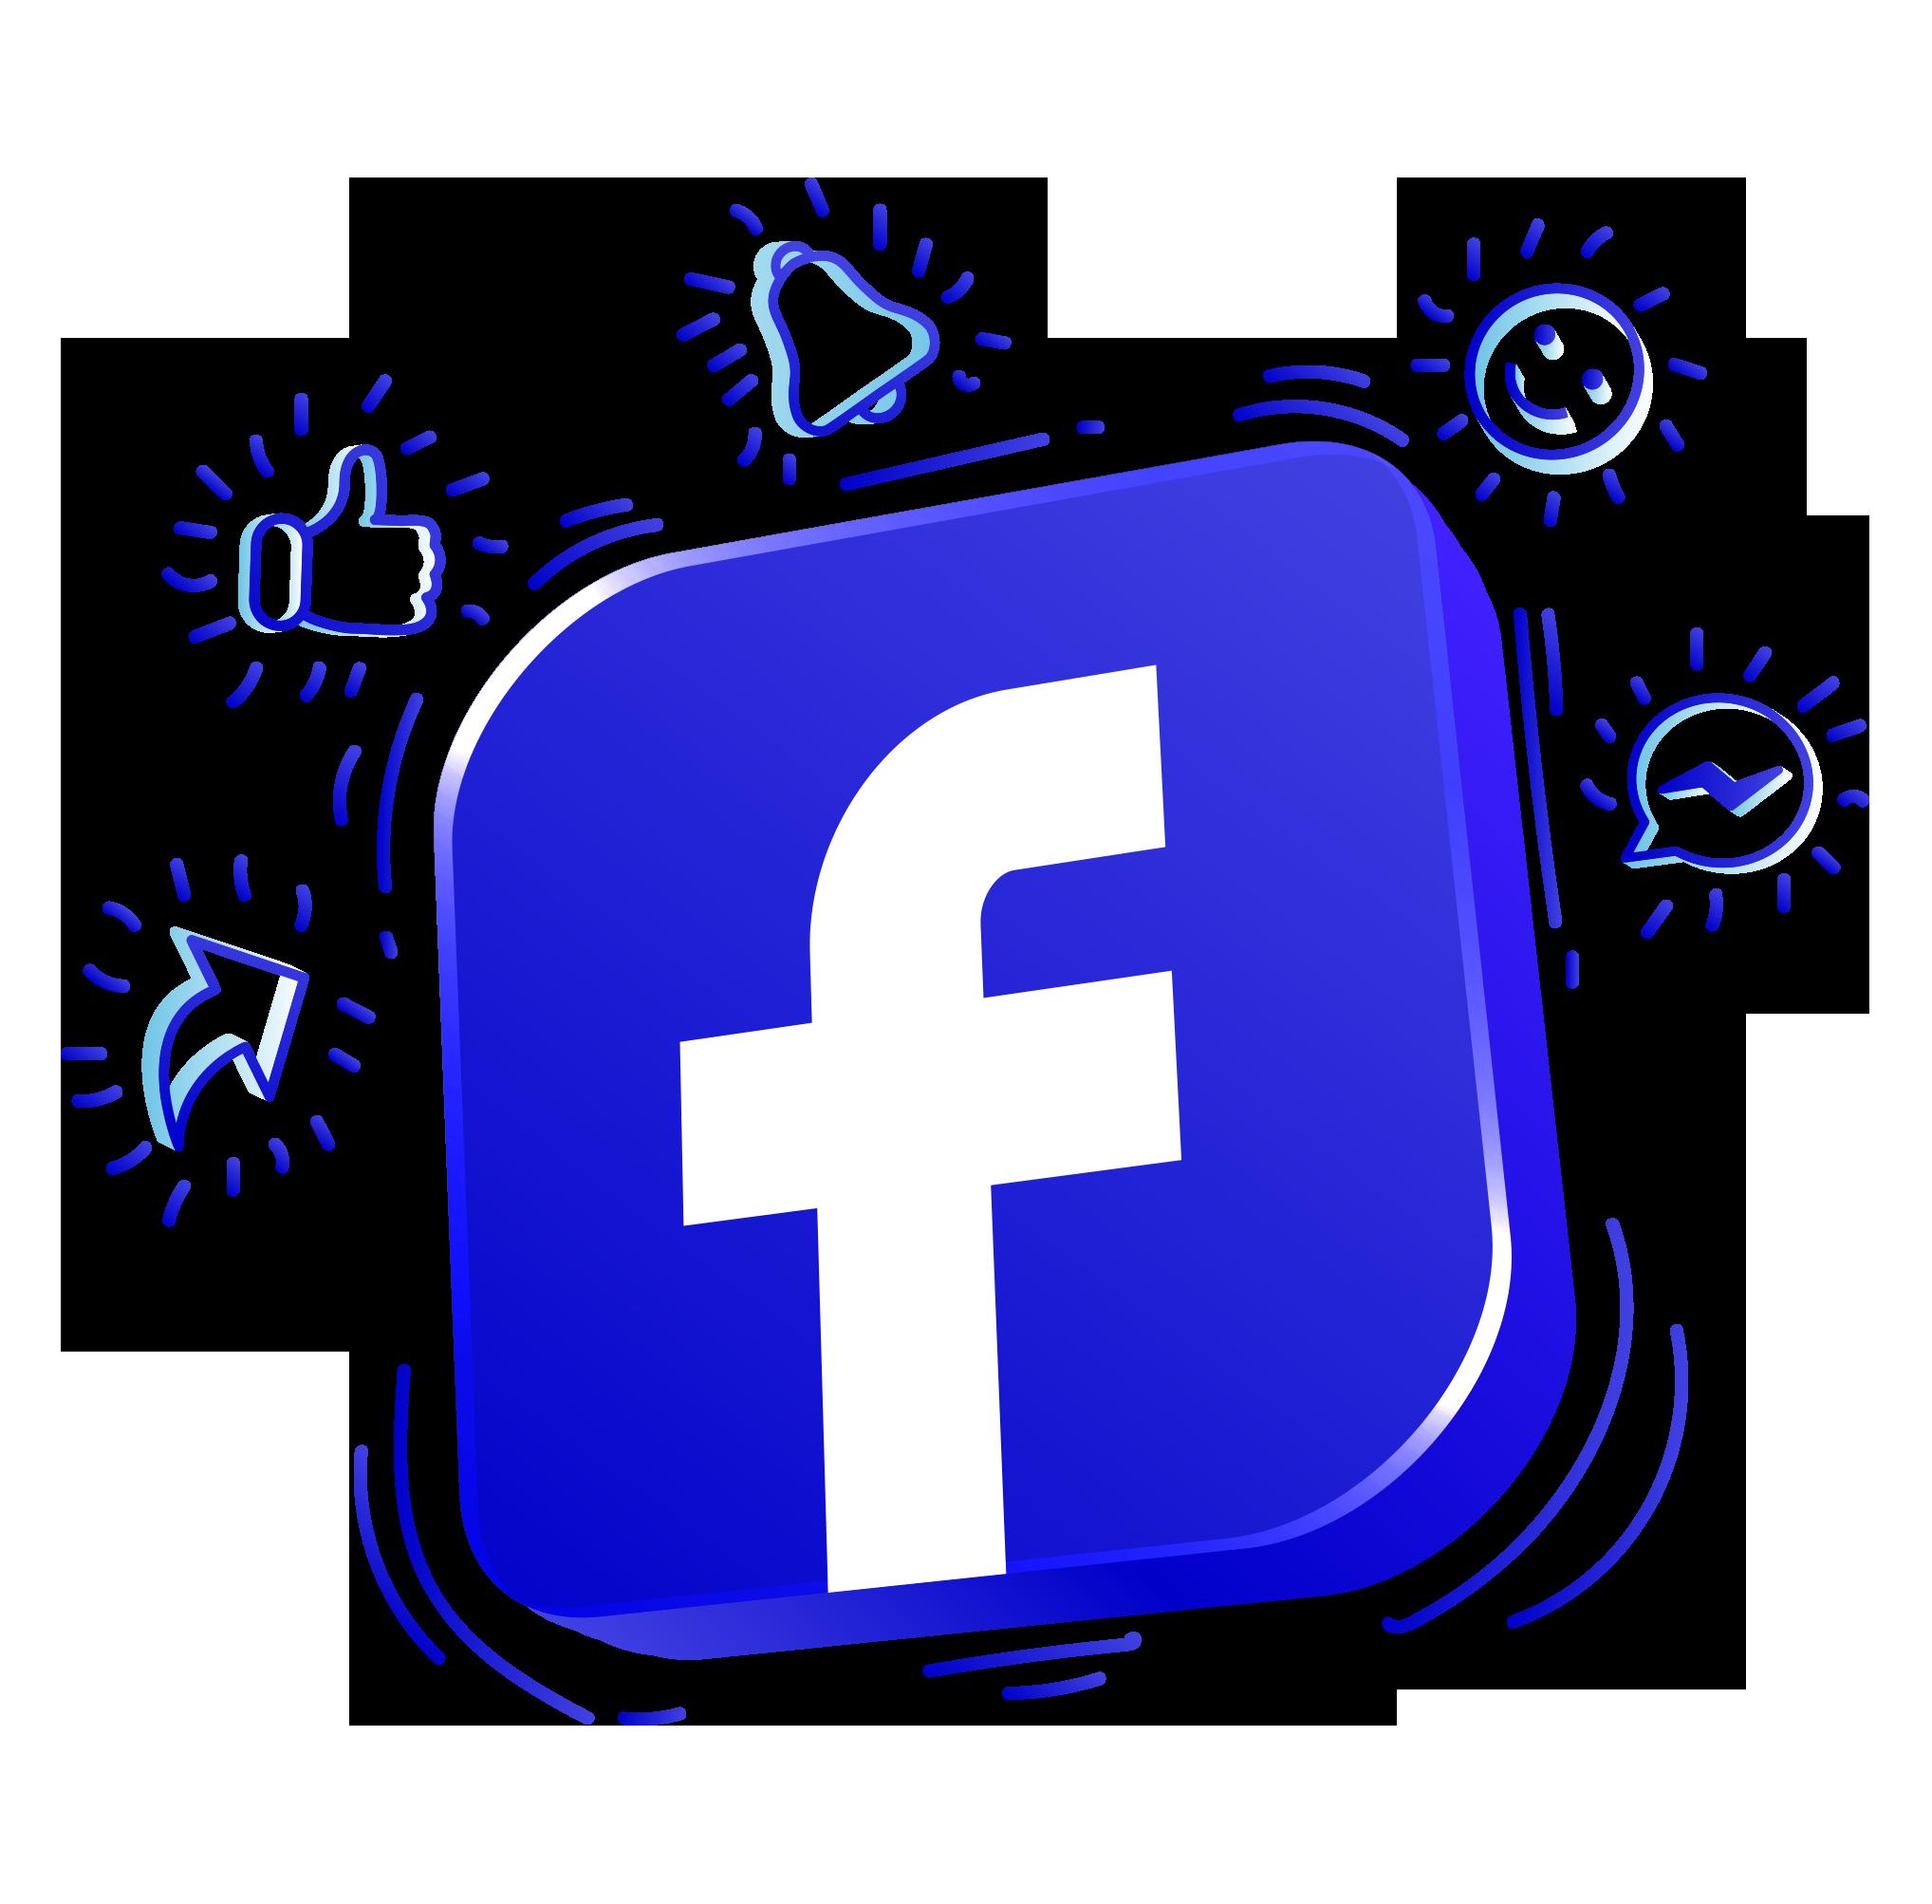 باقات فيسبوك